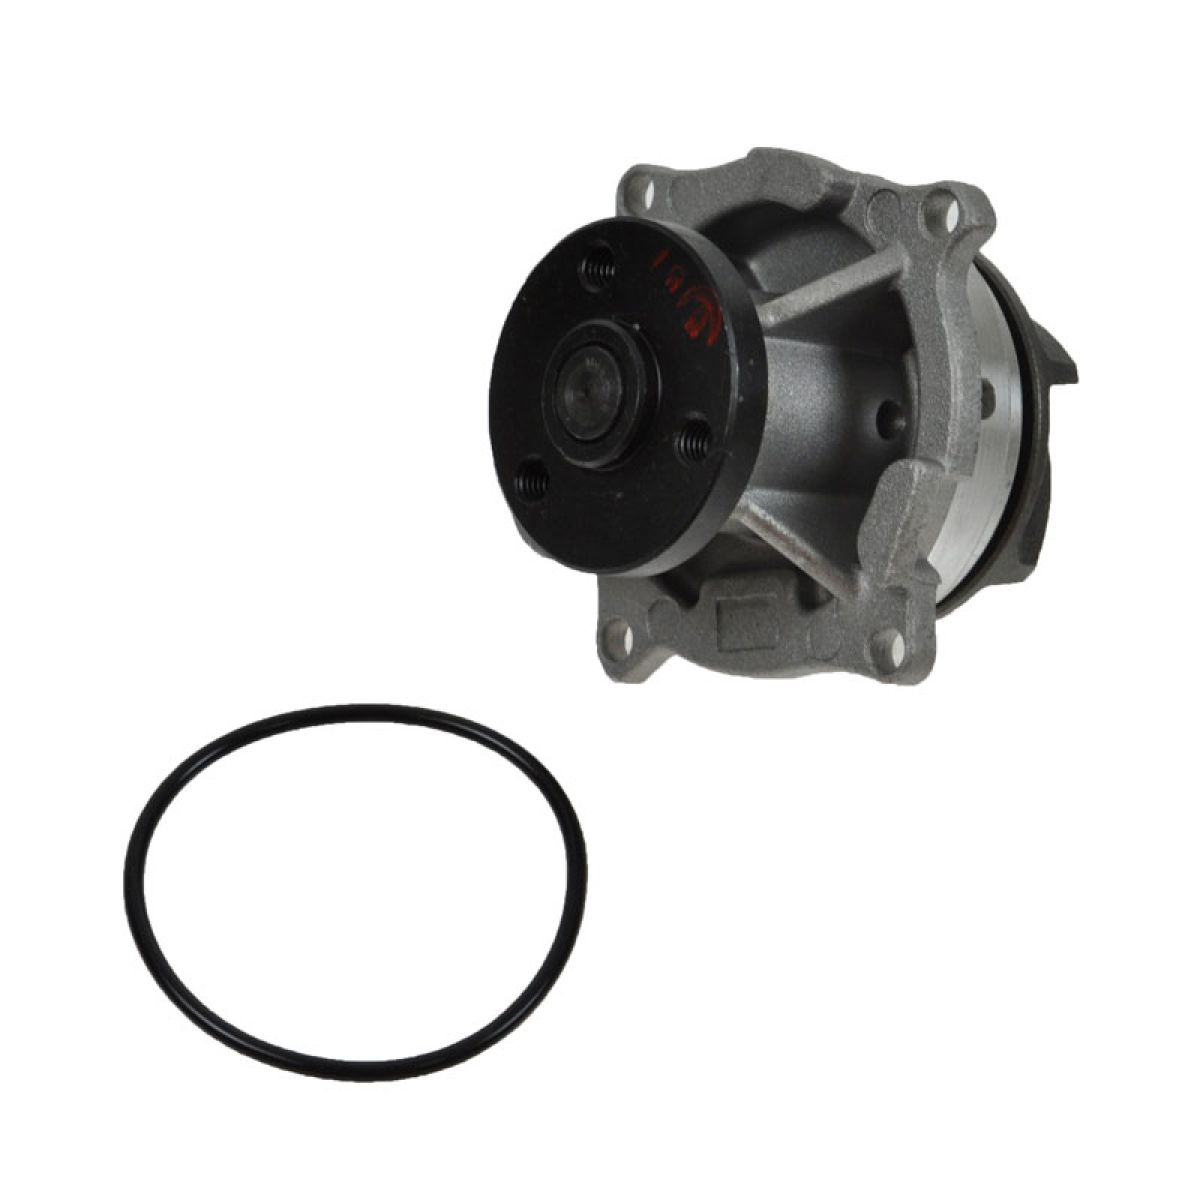 Water Pump for Ford Focus Escape Contour Mercury Cougar Mystique Tracer  2.0L L4